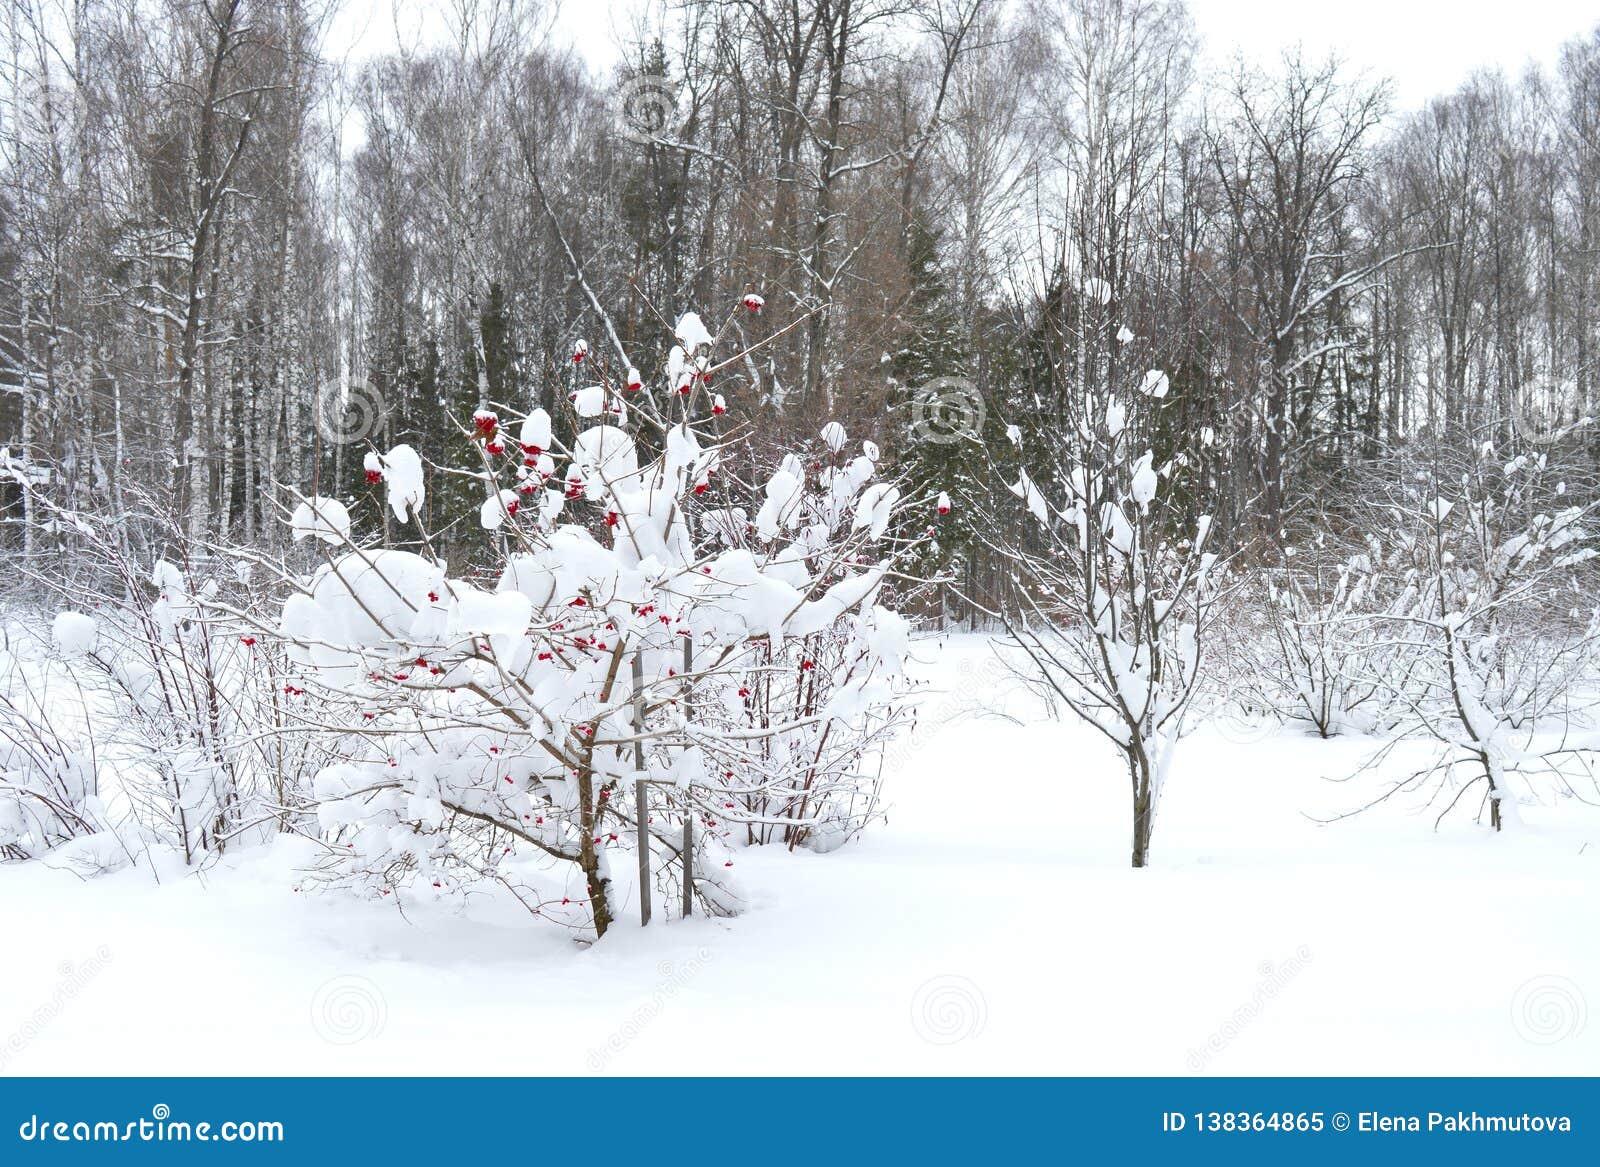 Invierno, nieve, árbol, paisaje, frío, bosque, naturaleza, blanco, cielo, helada, árboles, azul, escena, hielo, congelado, estaci